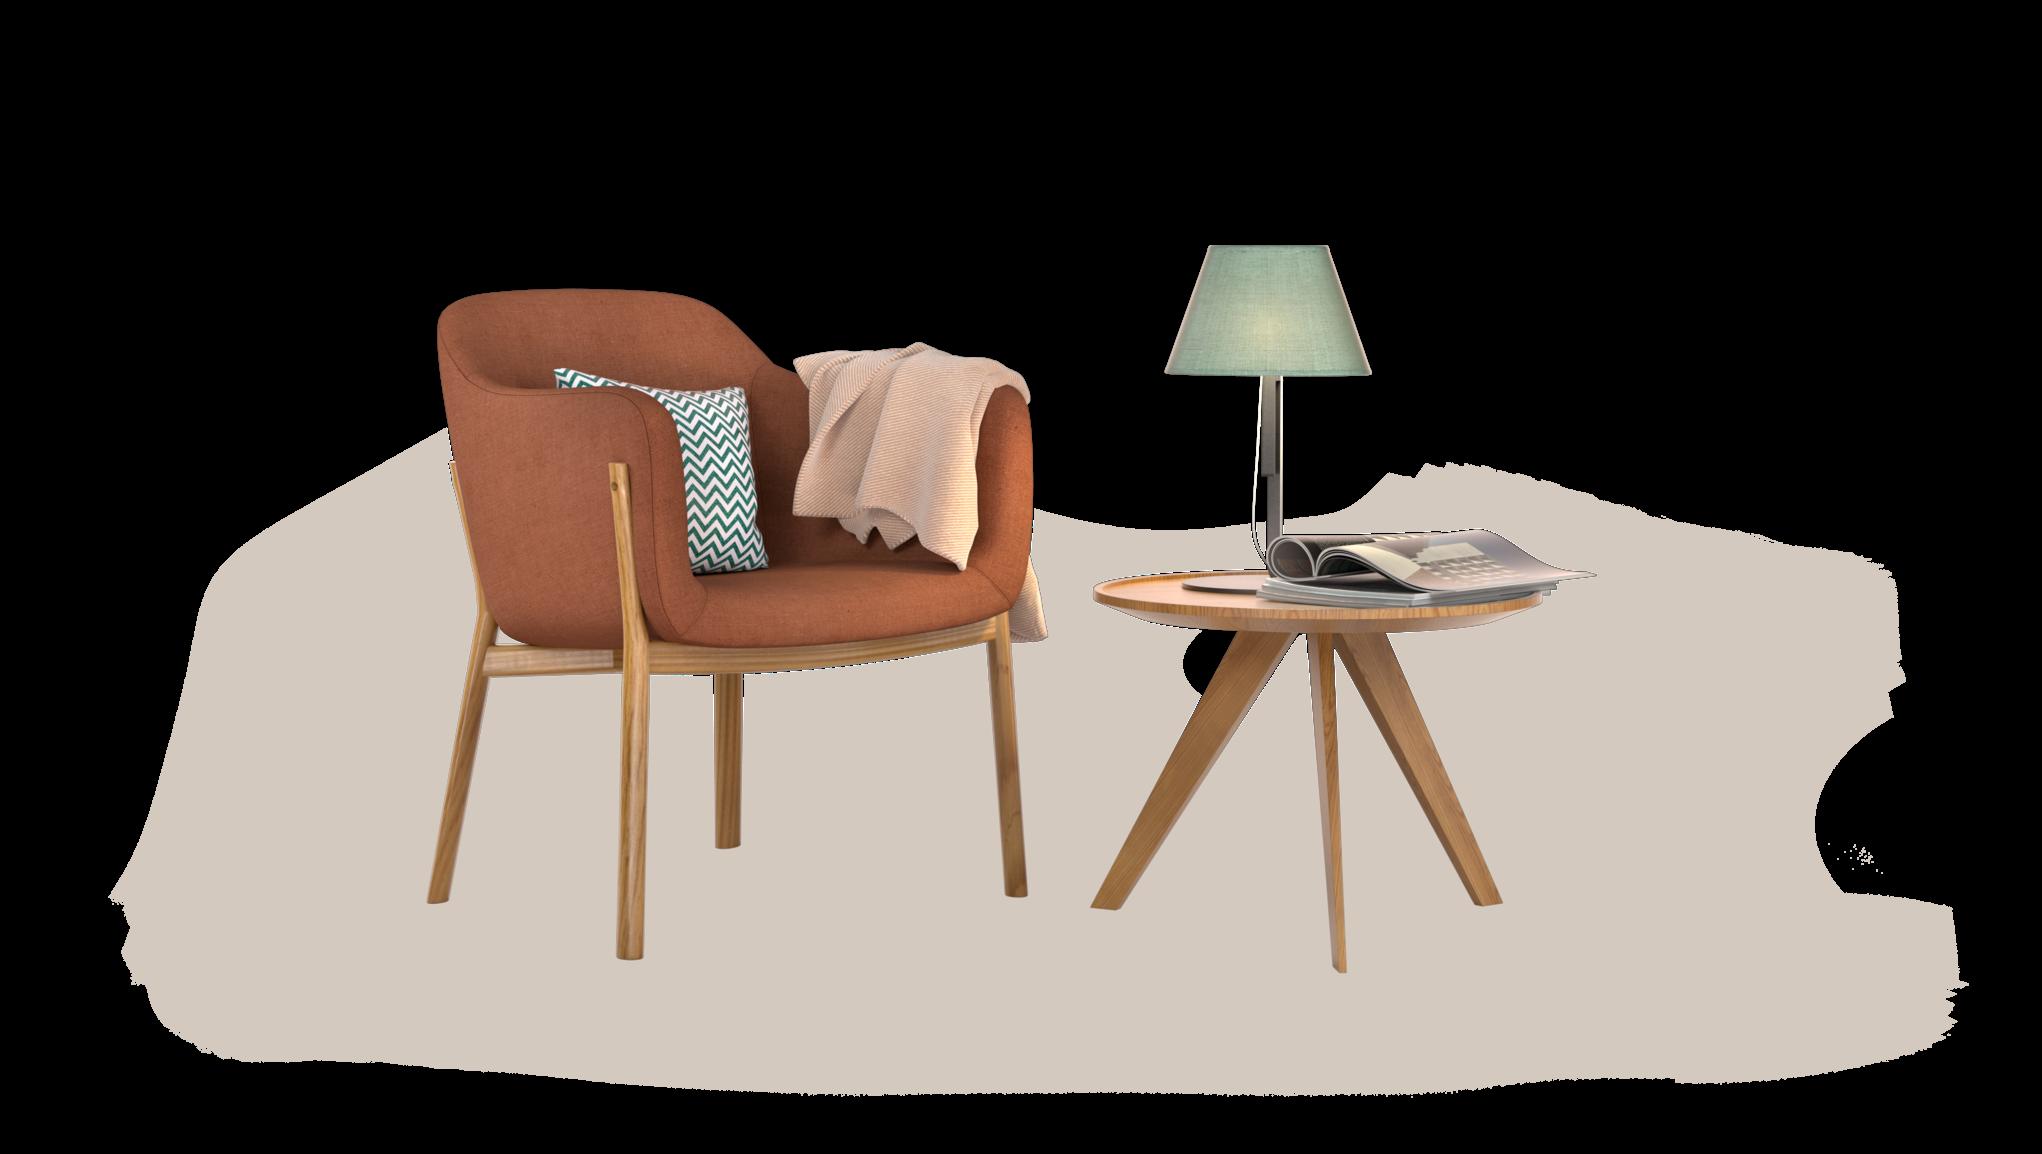 Lænestol og et bord med en lampe på